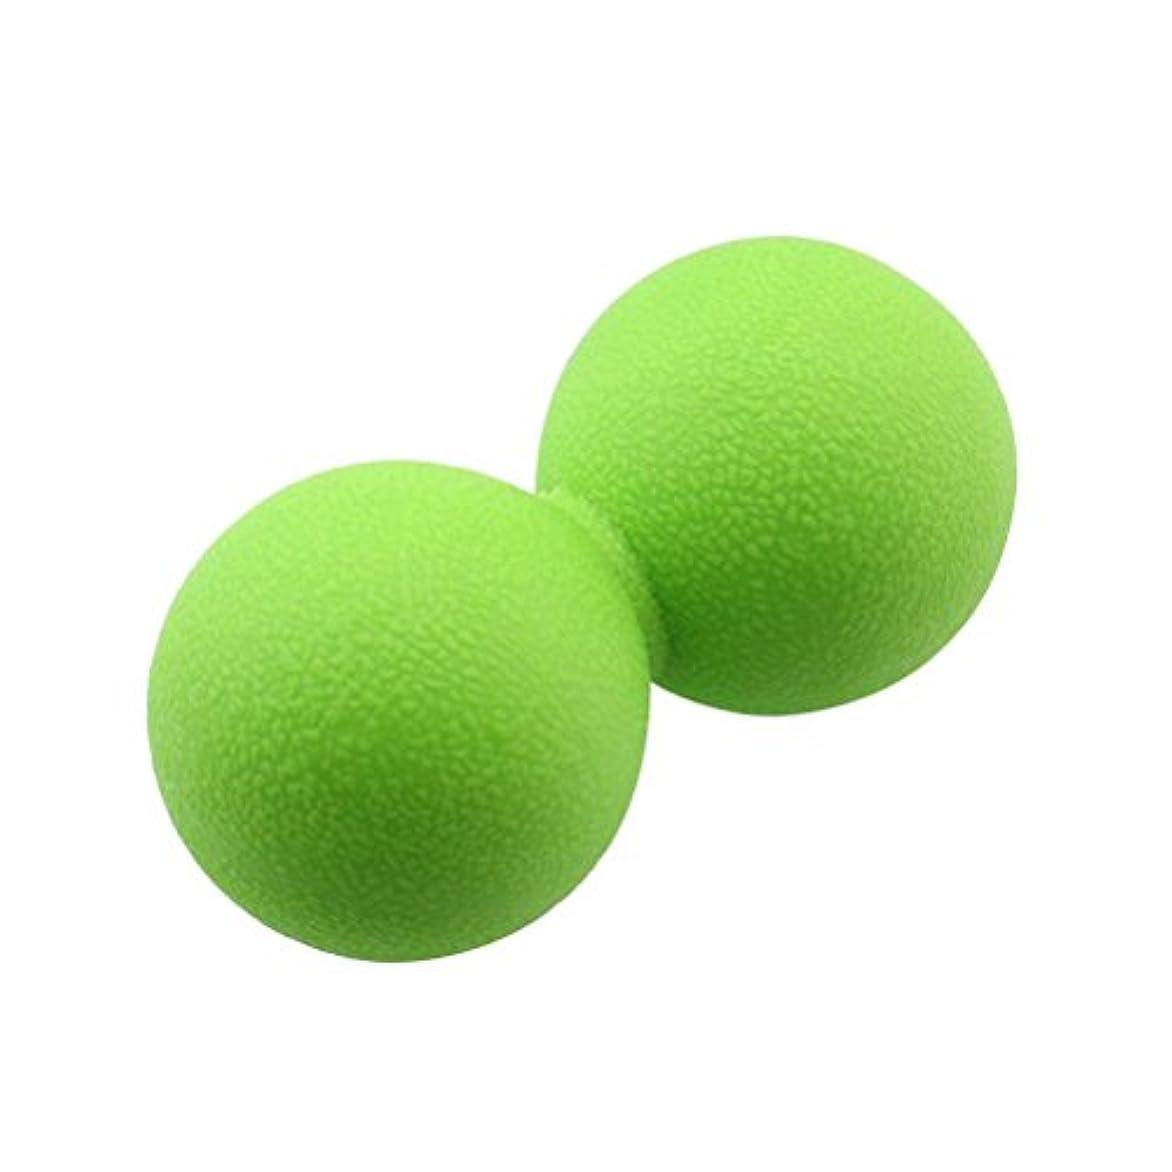 投げる情緒的やるVORCOOL マッサージボール ストレッチボール ハードタイプ トリガーポイント トレーニング 背中 肩こり 腰 ふくらはぎ 足裏 ツボ押しグッズ スーパーハードタイプ 筋肉痛を改善 運動前後(緑)